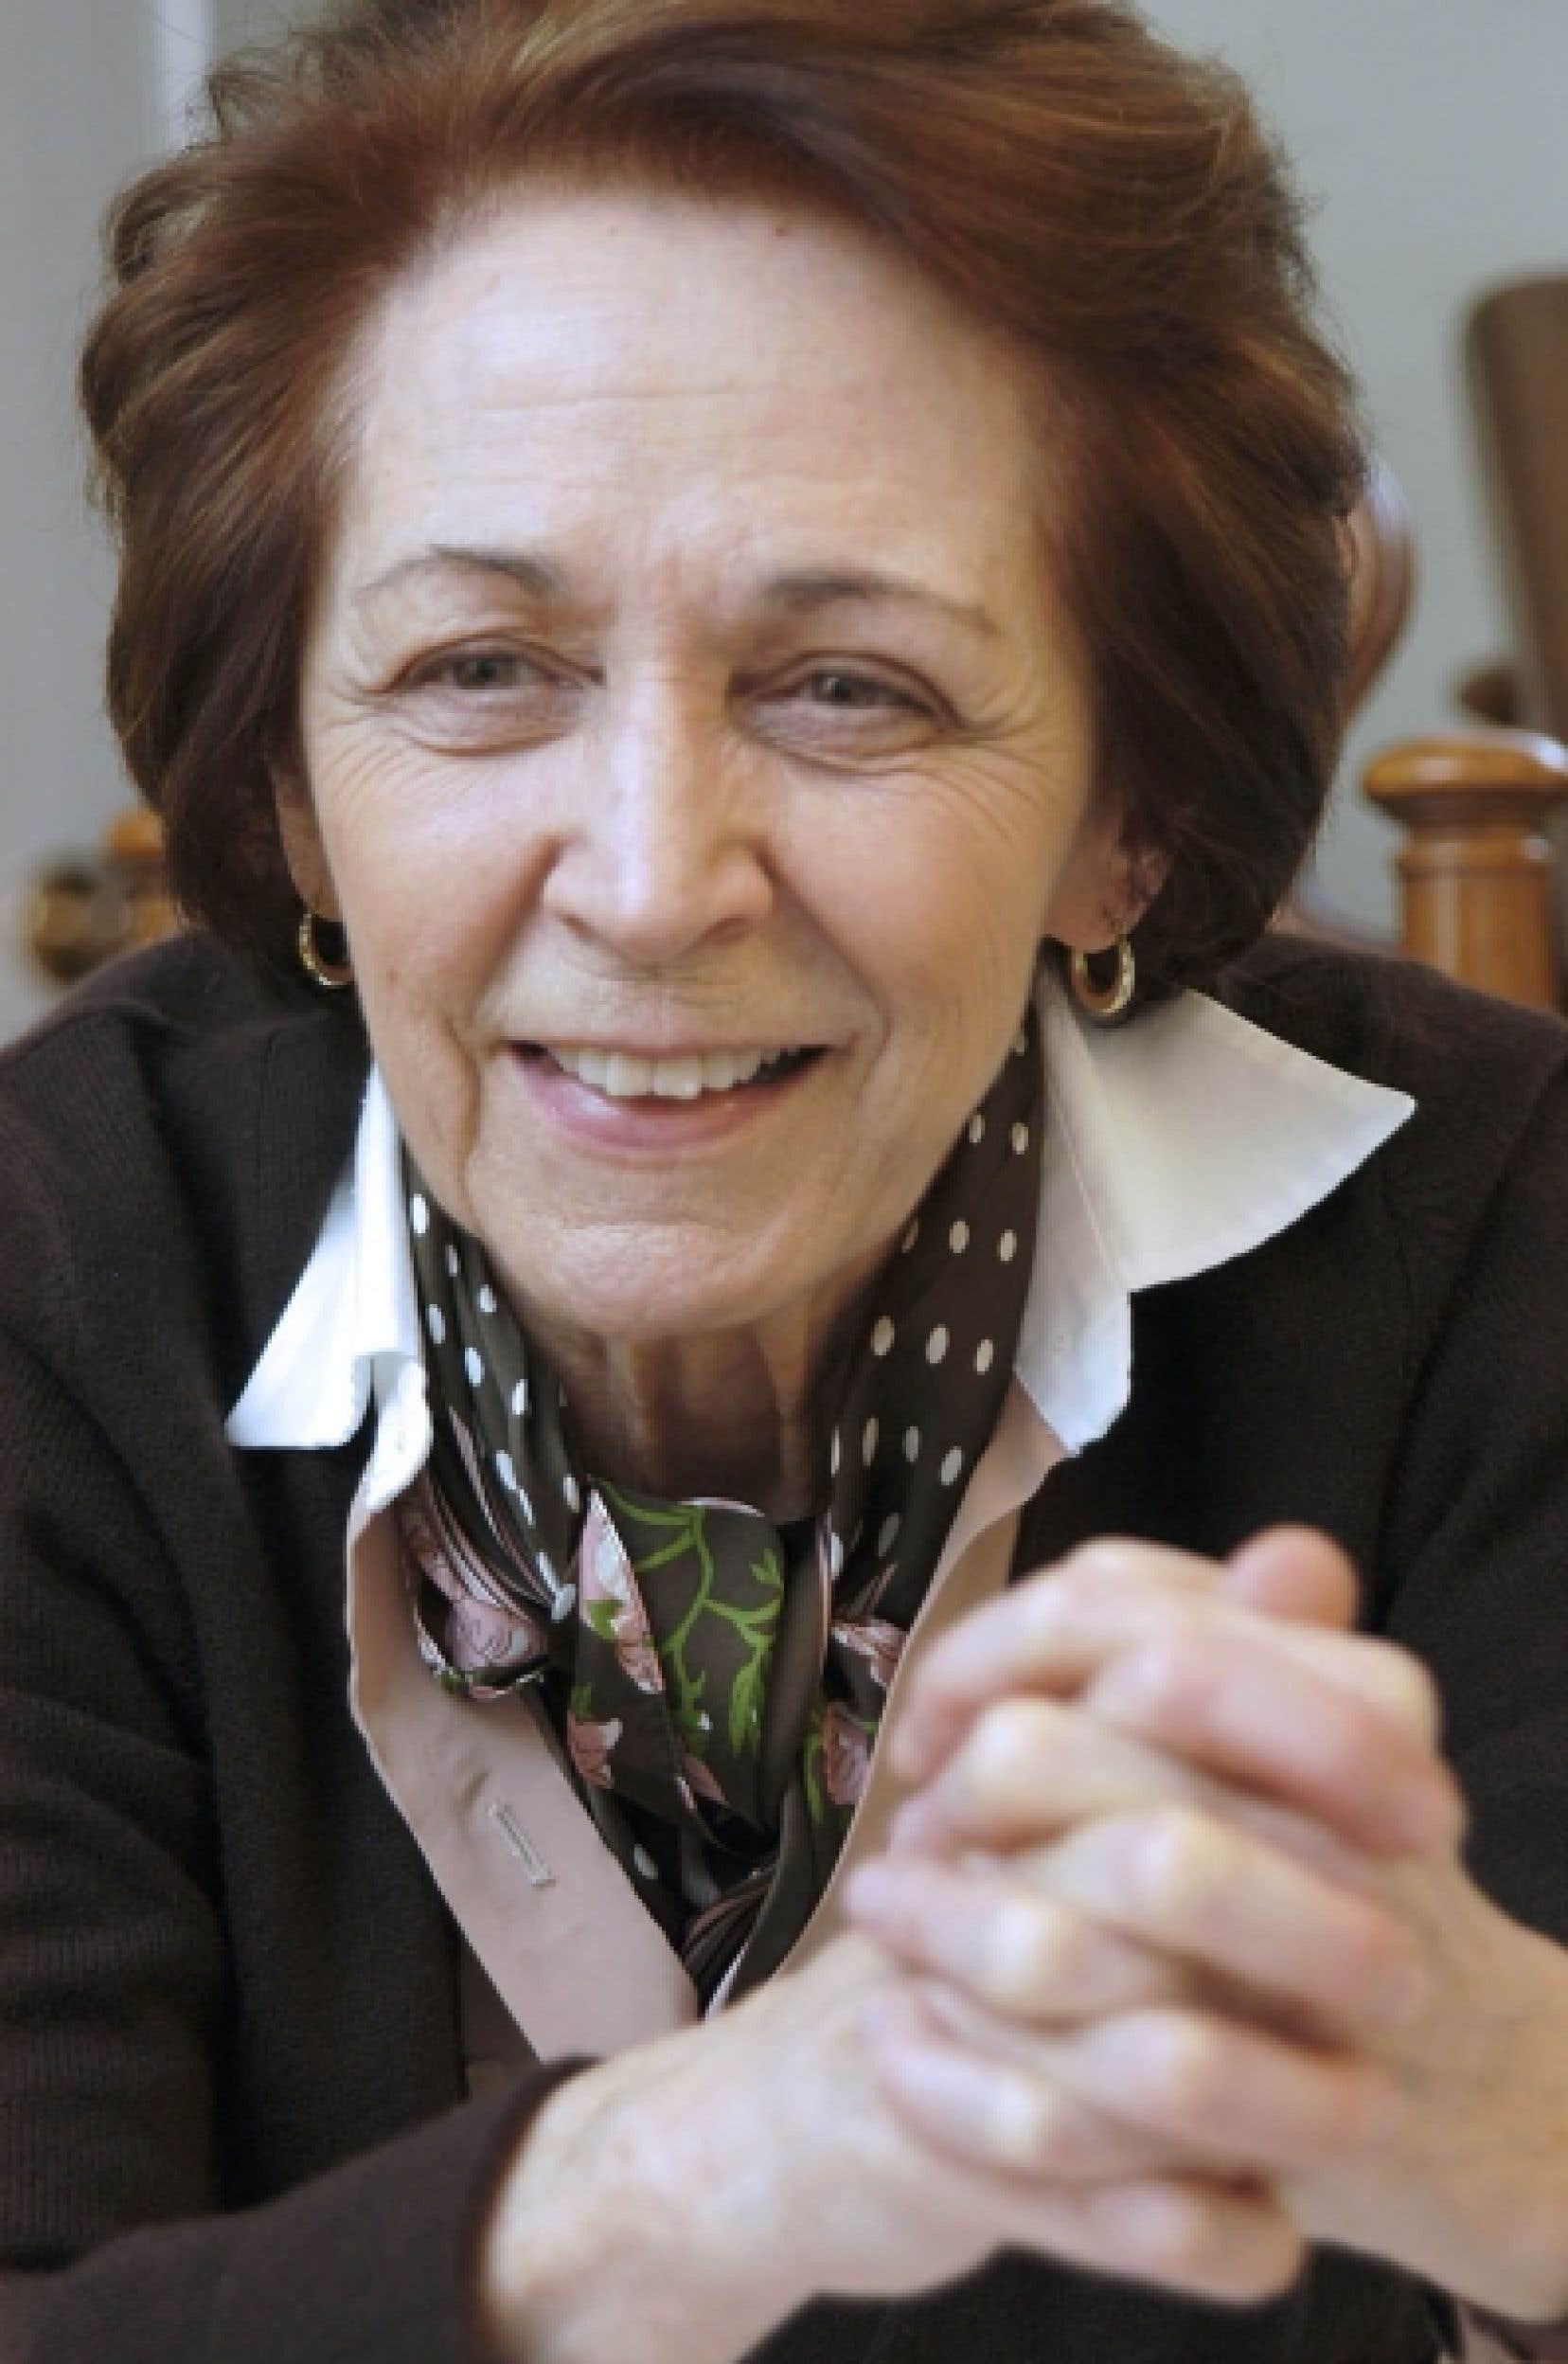 Selon Marie-Andrée Bertrand, le droit pénal n'a jamais été le bon outil pour s'attaquer aux problèmes d'abus de substances.<br />